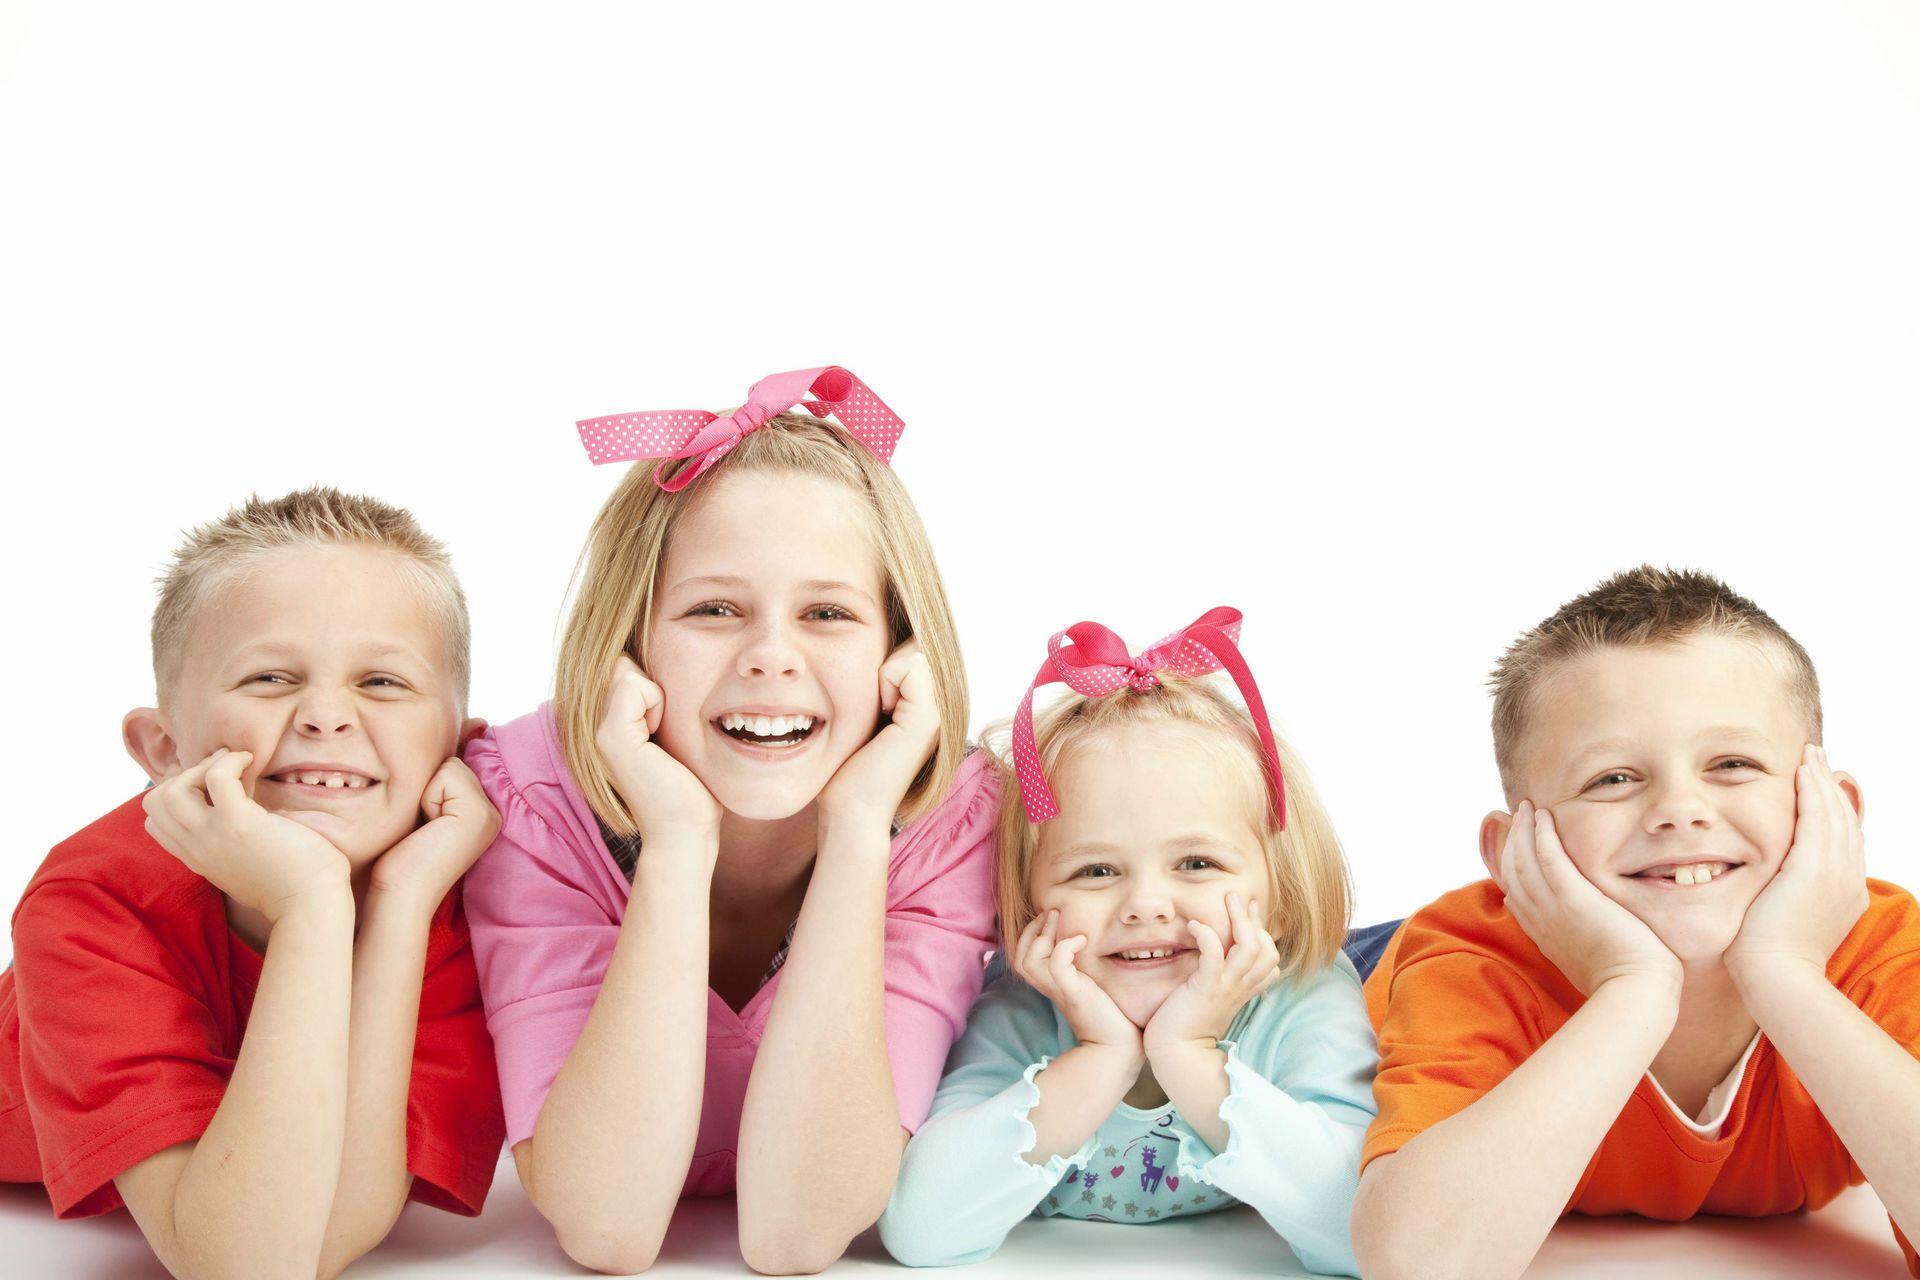 healthy-happy-kids-happy-family